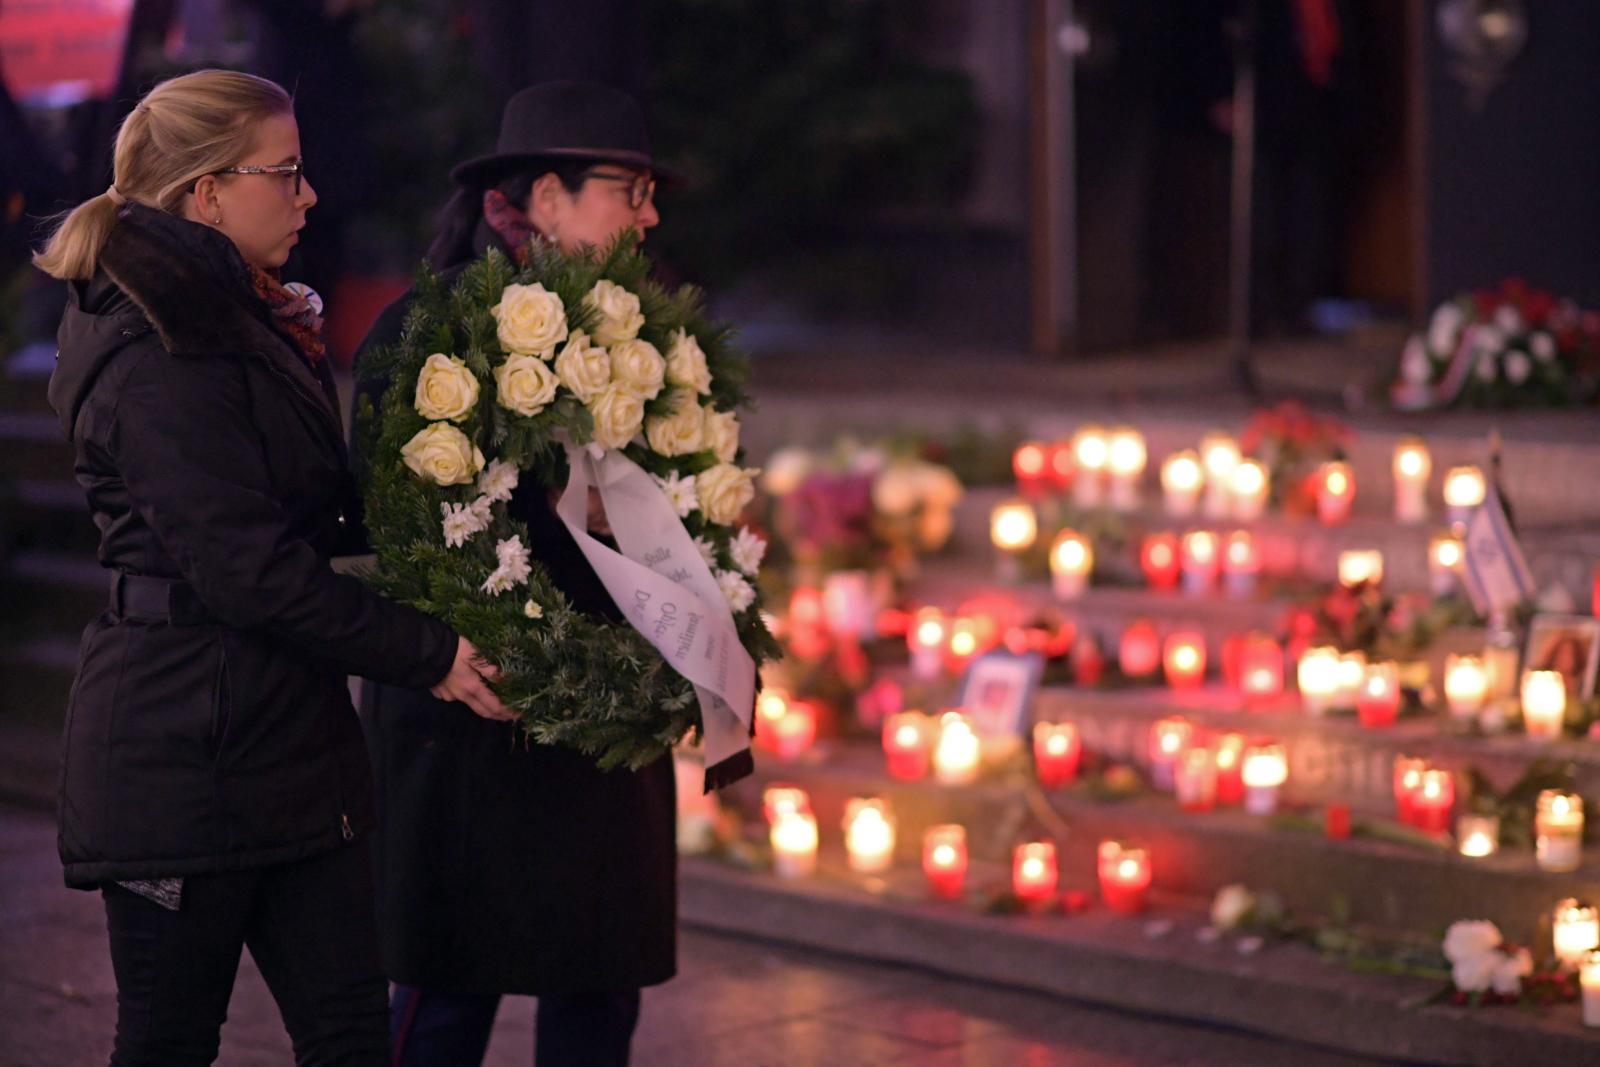 Niemcy - 3 rocznica zamachu na Jarmarku Świątecznym EPA/CLEMENS BILAN